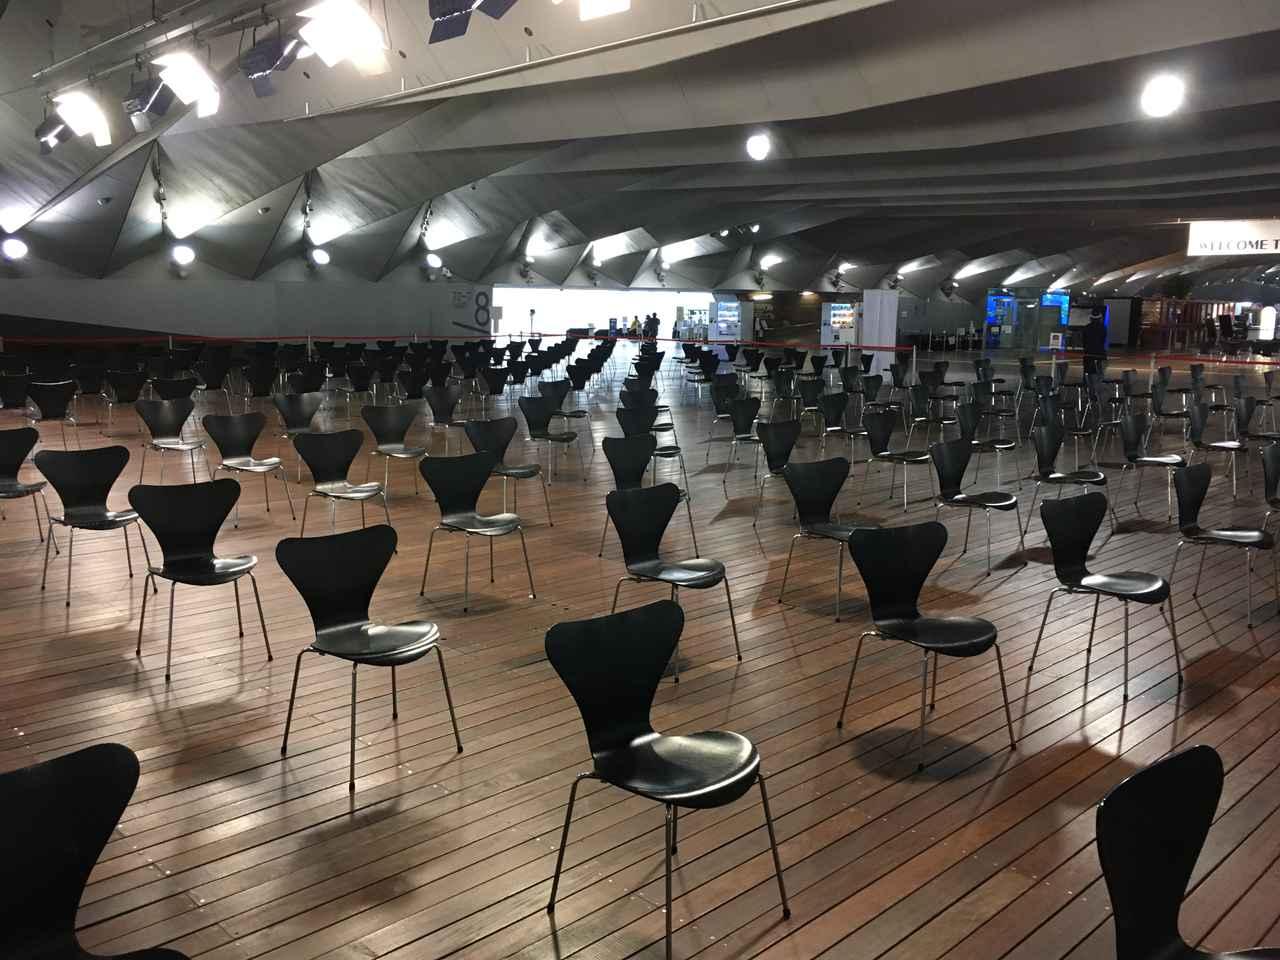 画像3: 横浜港大さん橋国際客船ターミナル(筆者撮影)